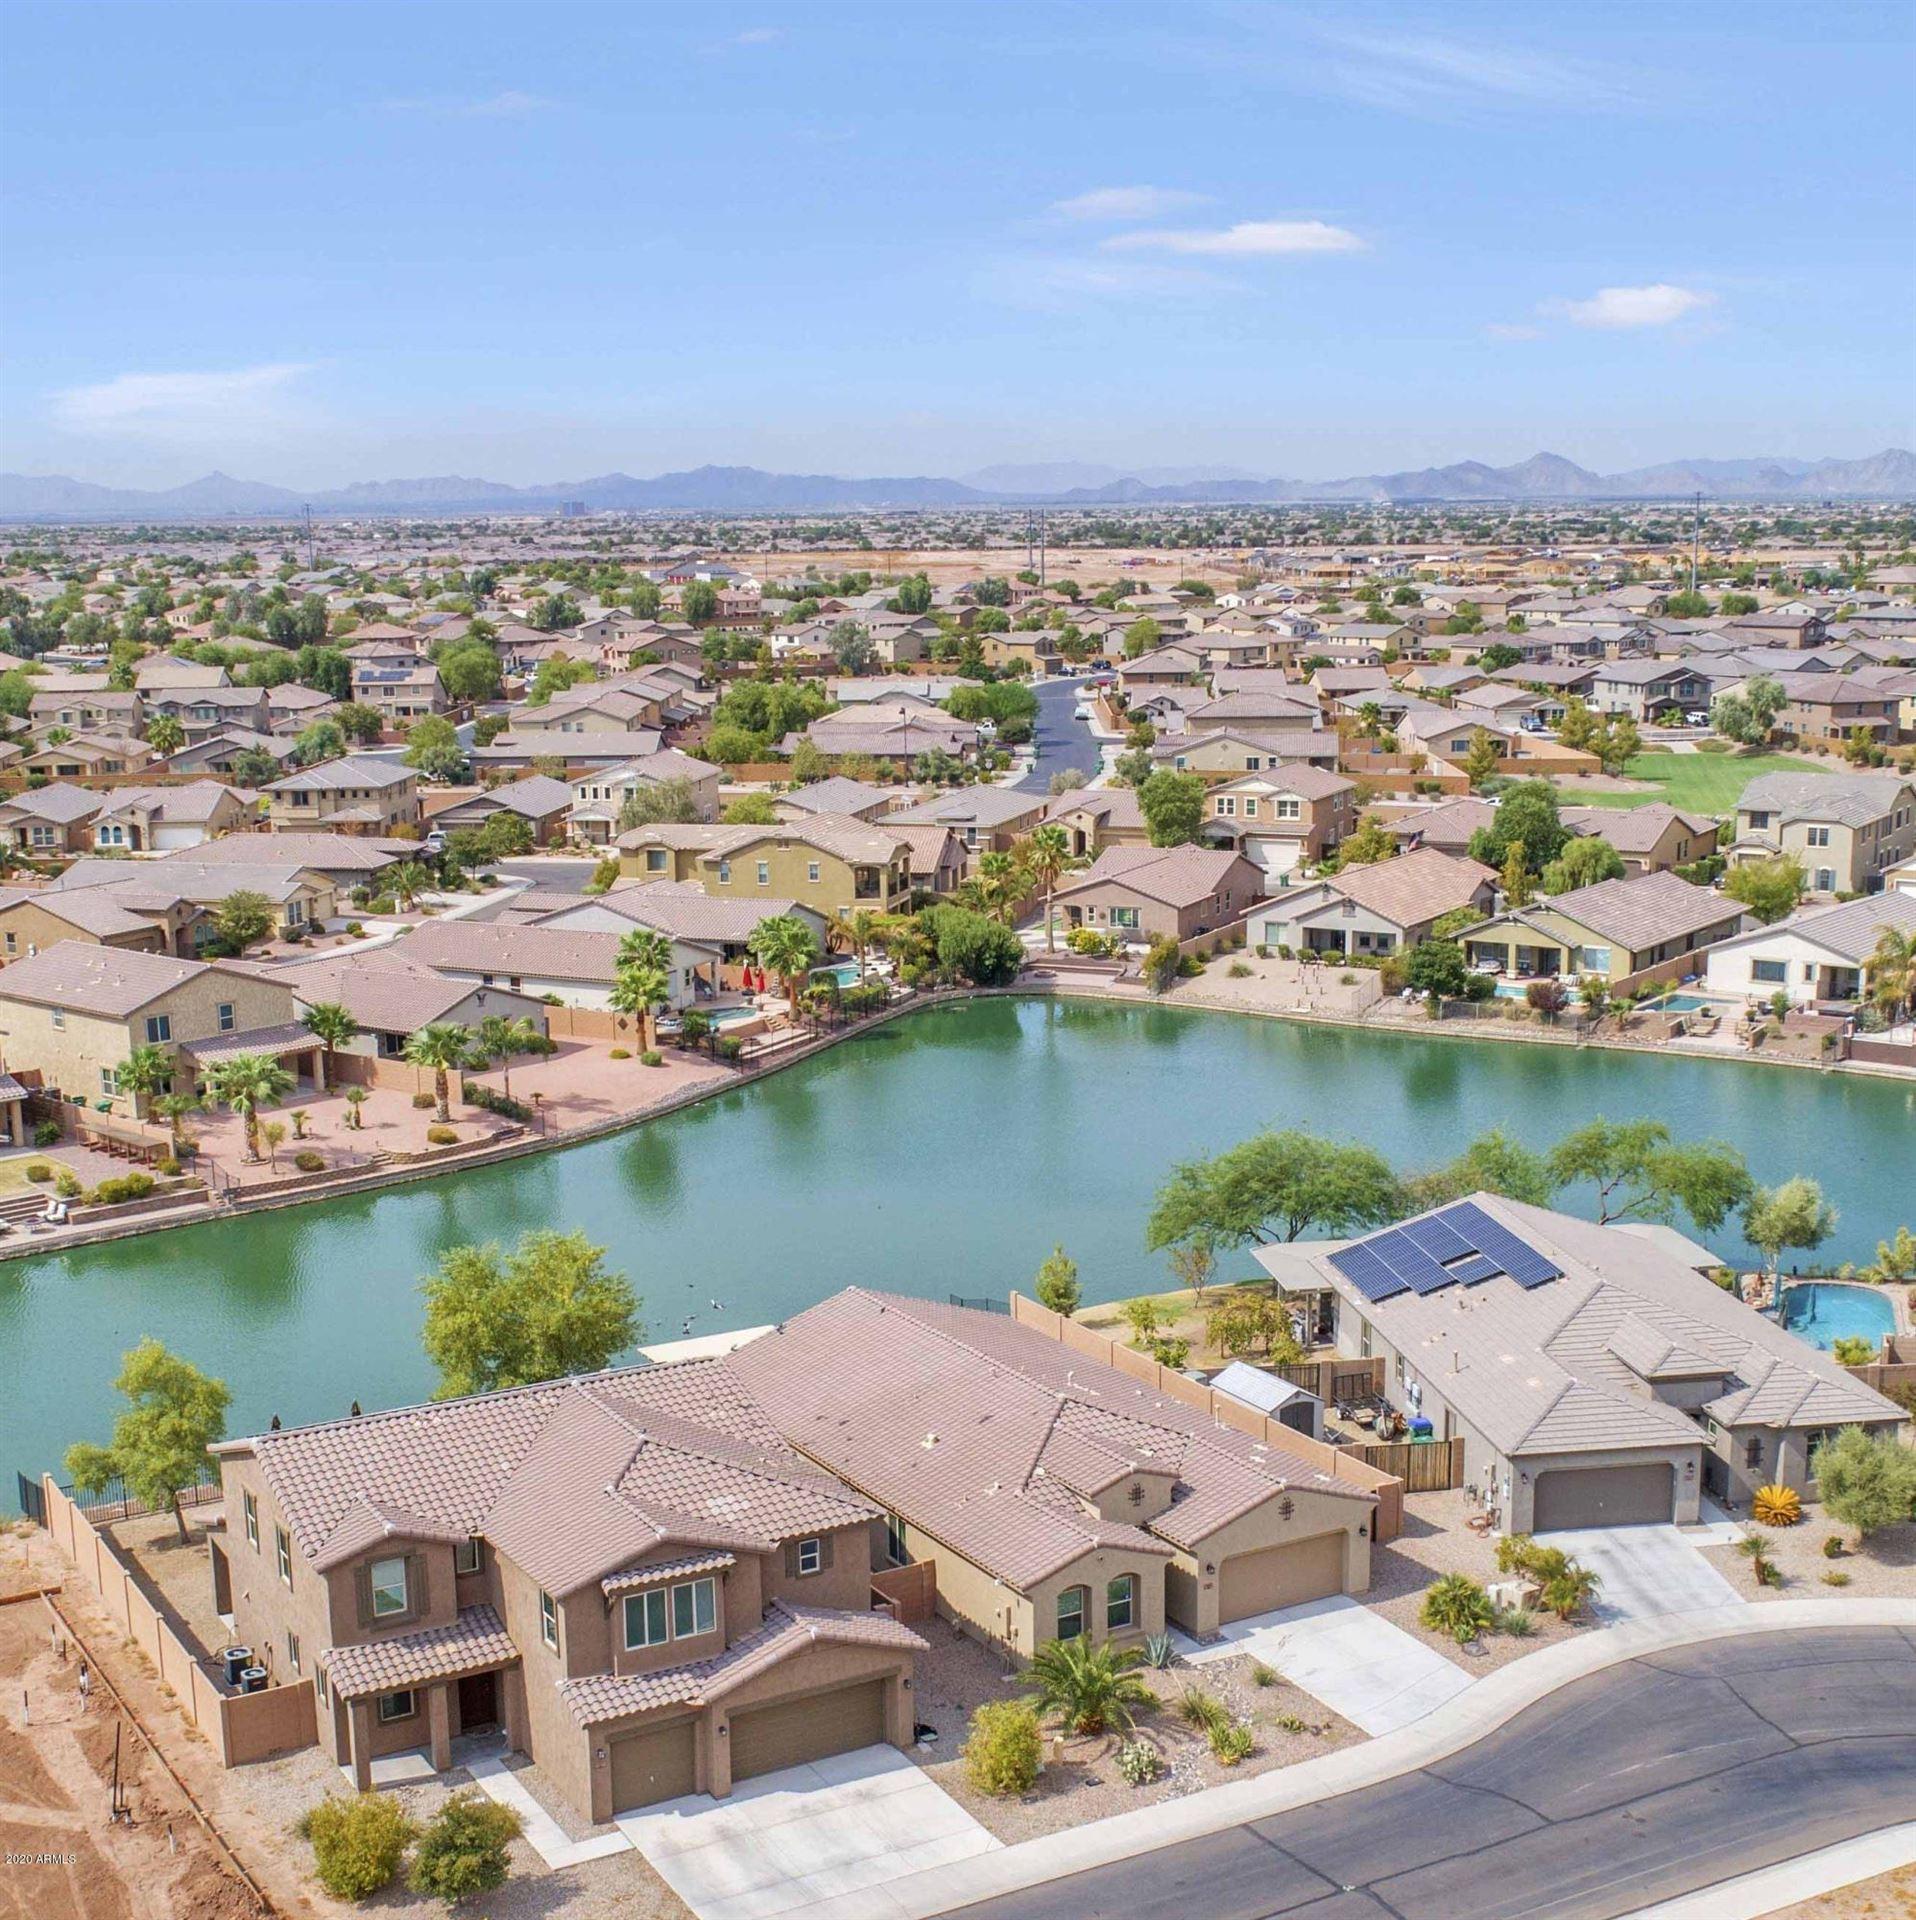 40843 W LITTLE Drive, Maricopa, AZ 85138 - MLS#: 6120623